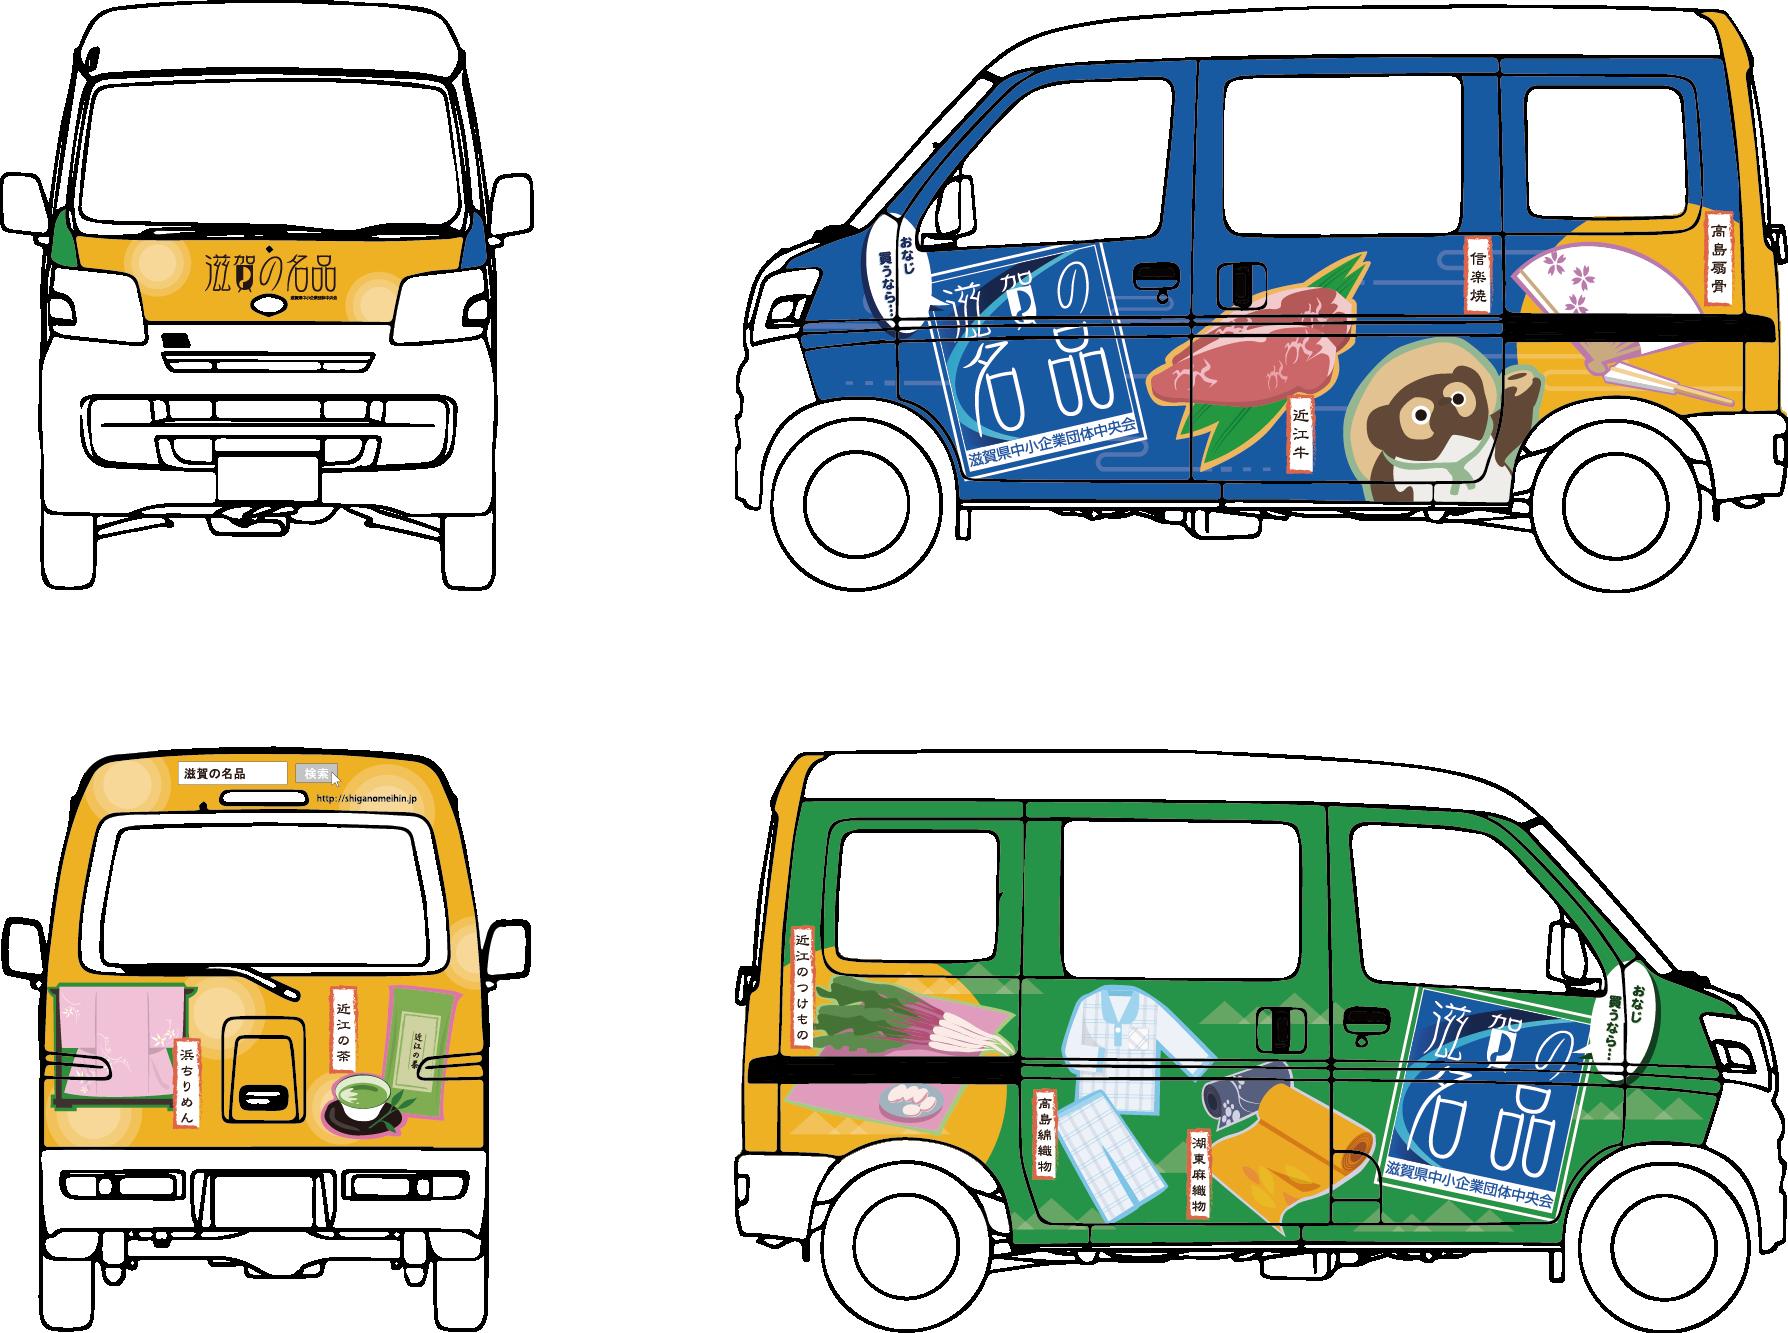 滋賀の名品ラッピングカー